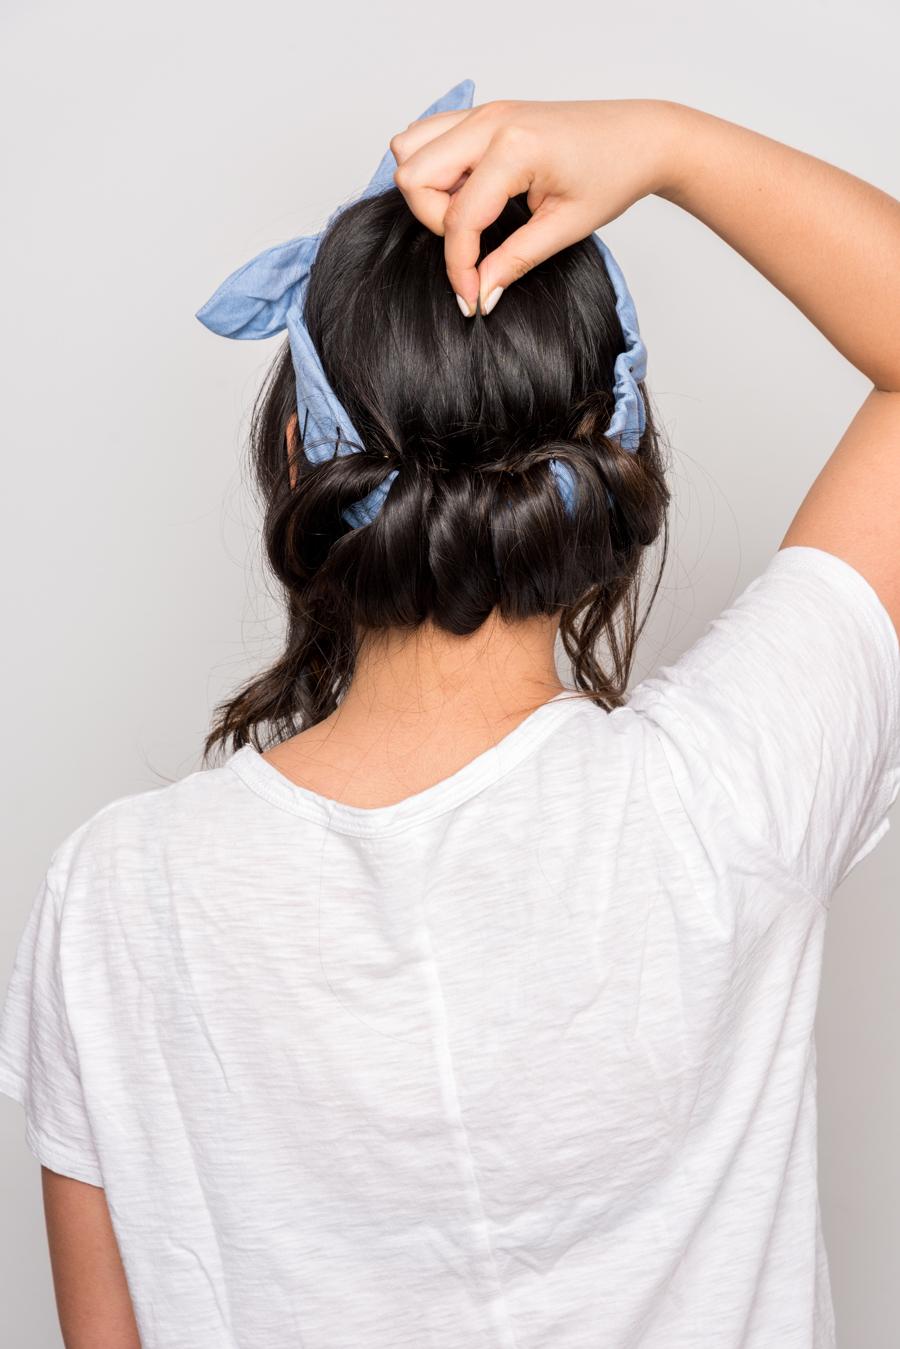 How To Do An Easy Headband Updo 夏にオススメの簡単ヘアアレンジ 9